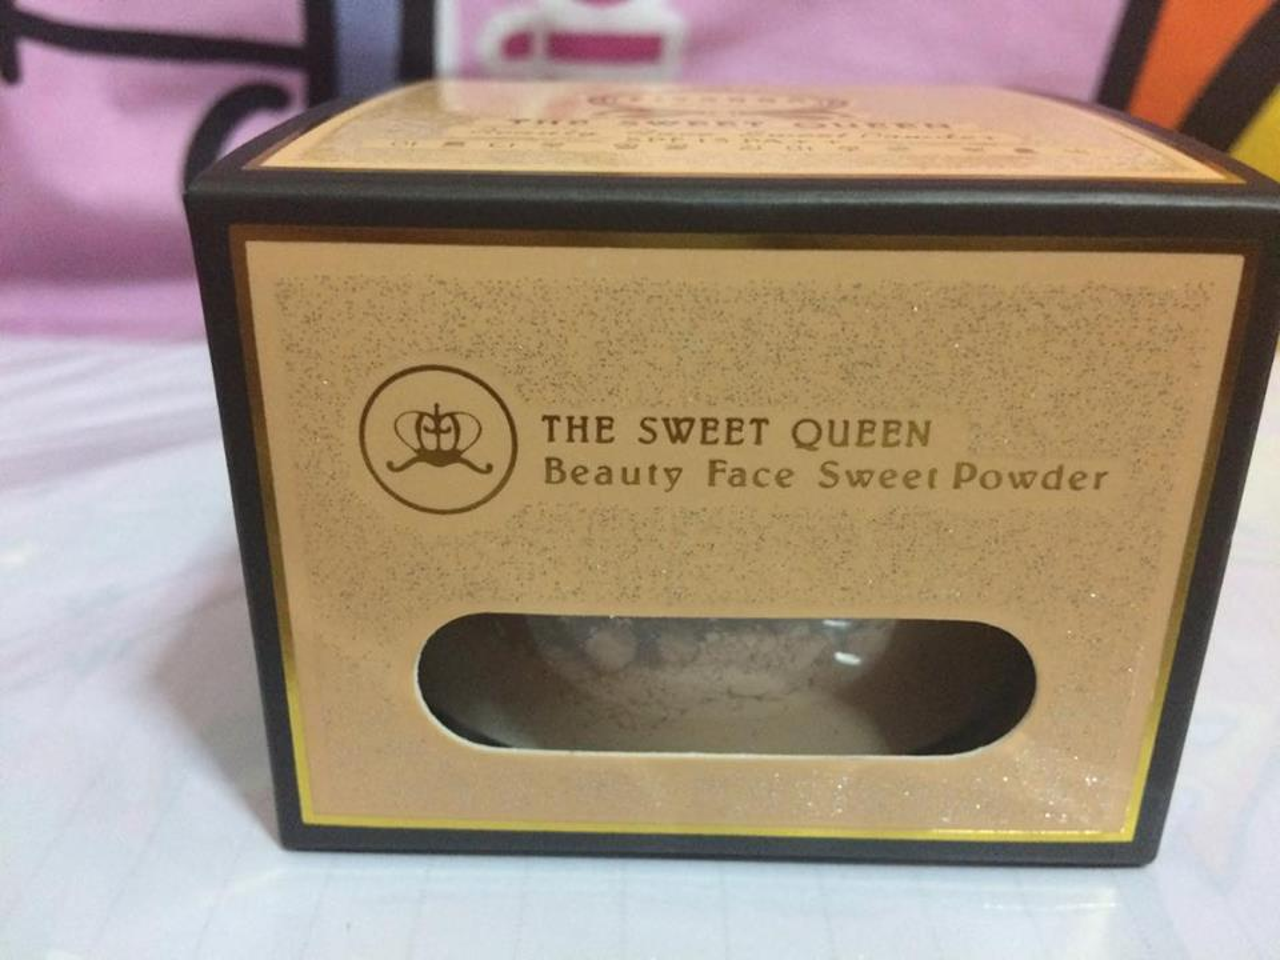 SIVINNA COLORS THE SWEET QUEEN BEAUTY FACE SWEET POWDER  ผลิตภัณฑ์แป้งทาหน้า รูปที่ 2